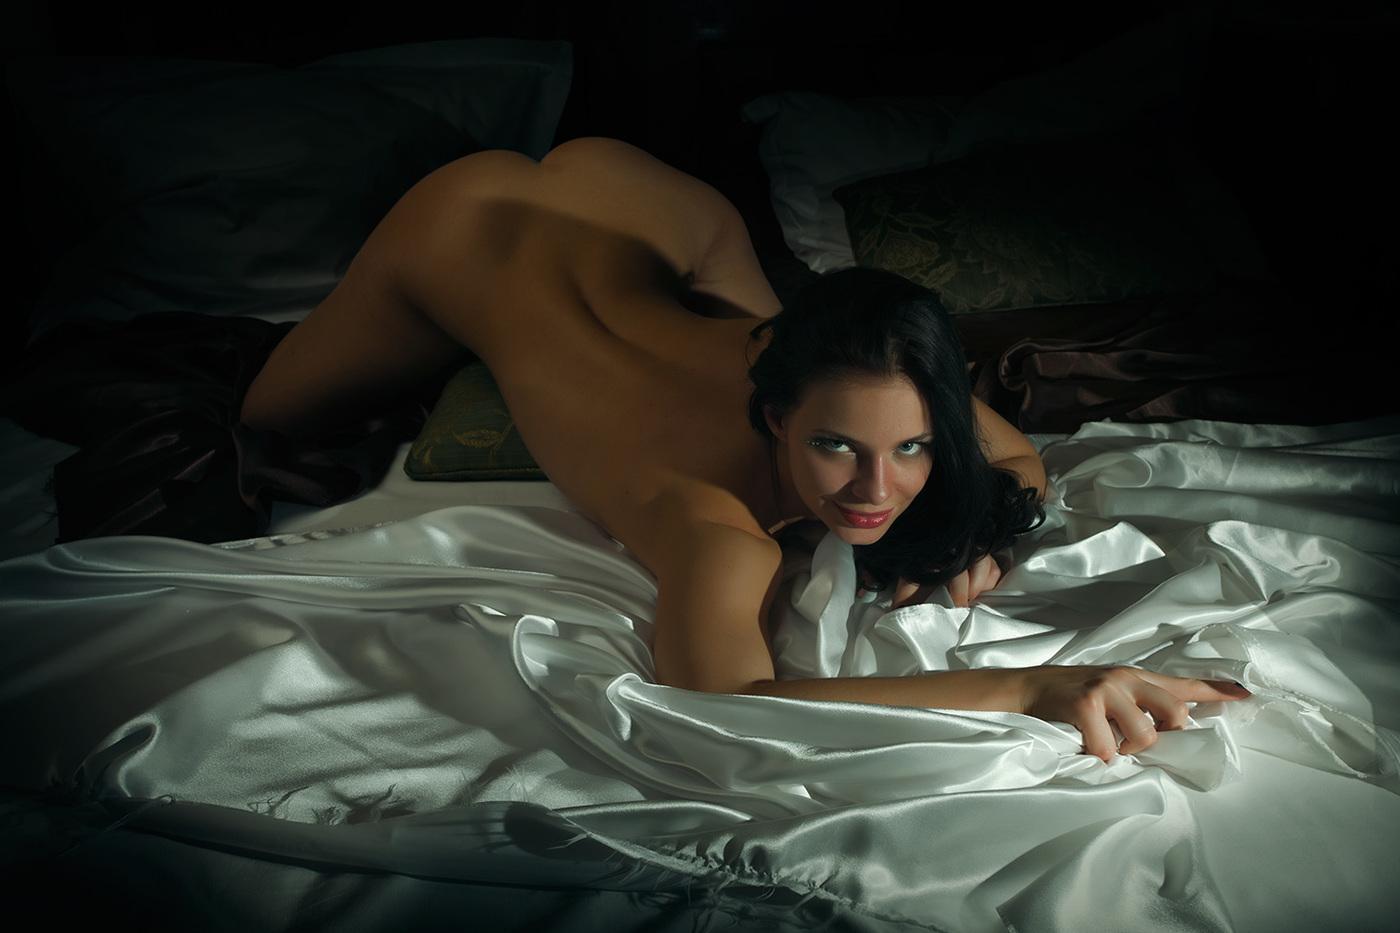 Эротическое фото добавить свои, выложить порно фото. Секс знакомства Meendo 19 фотография